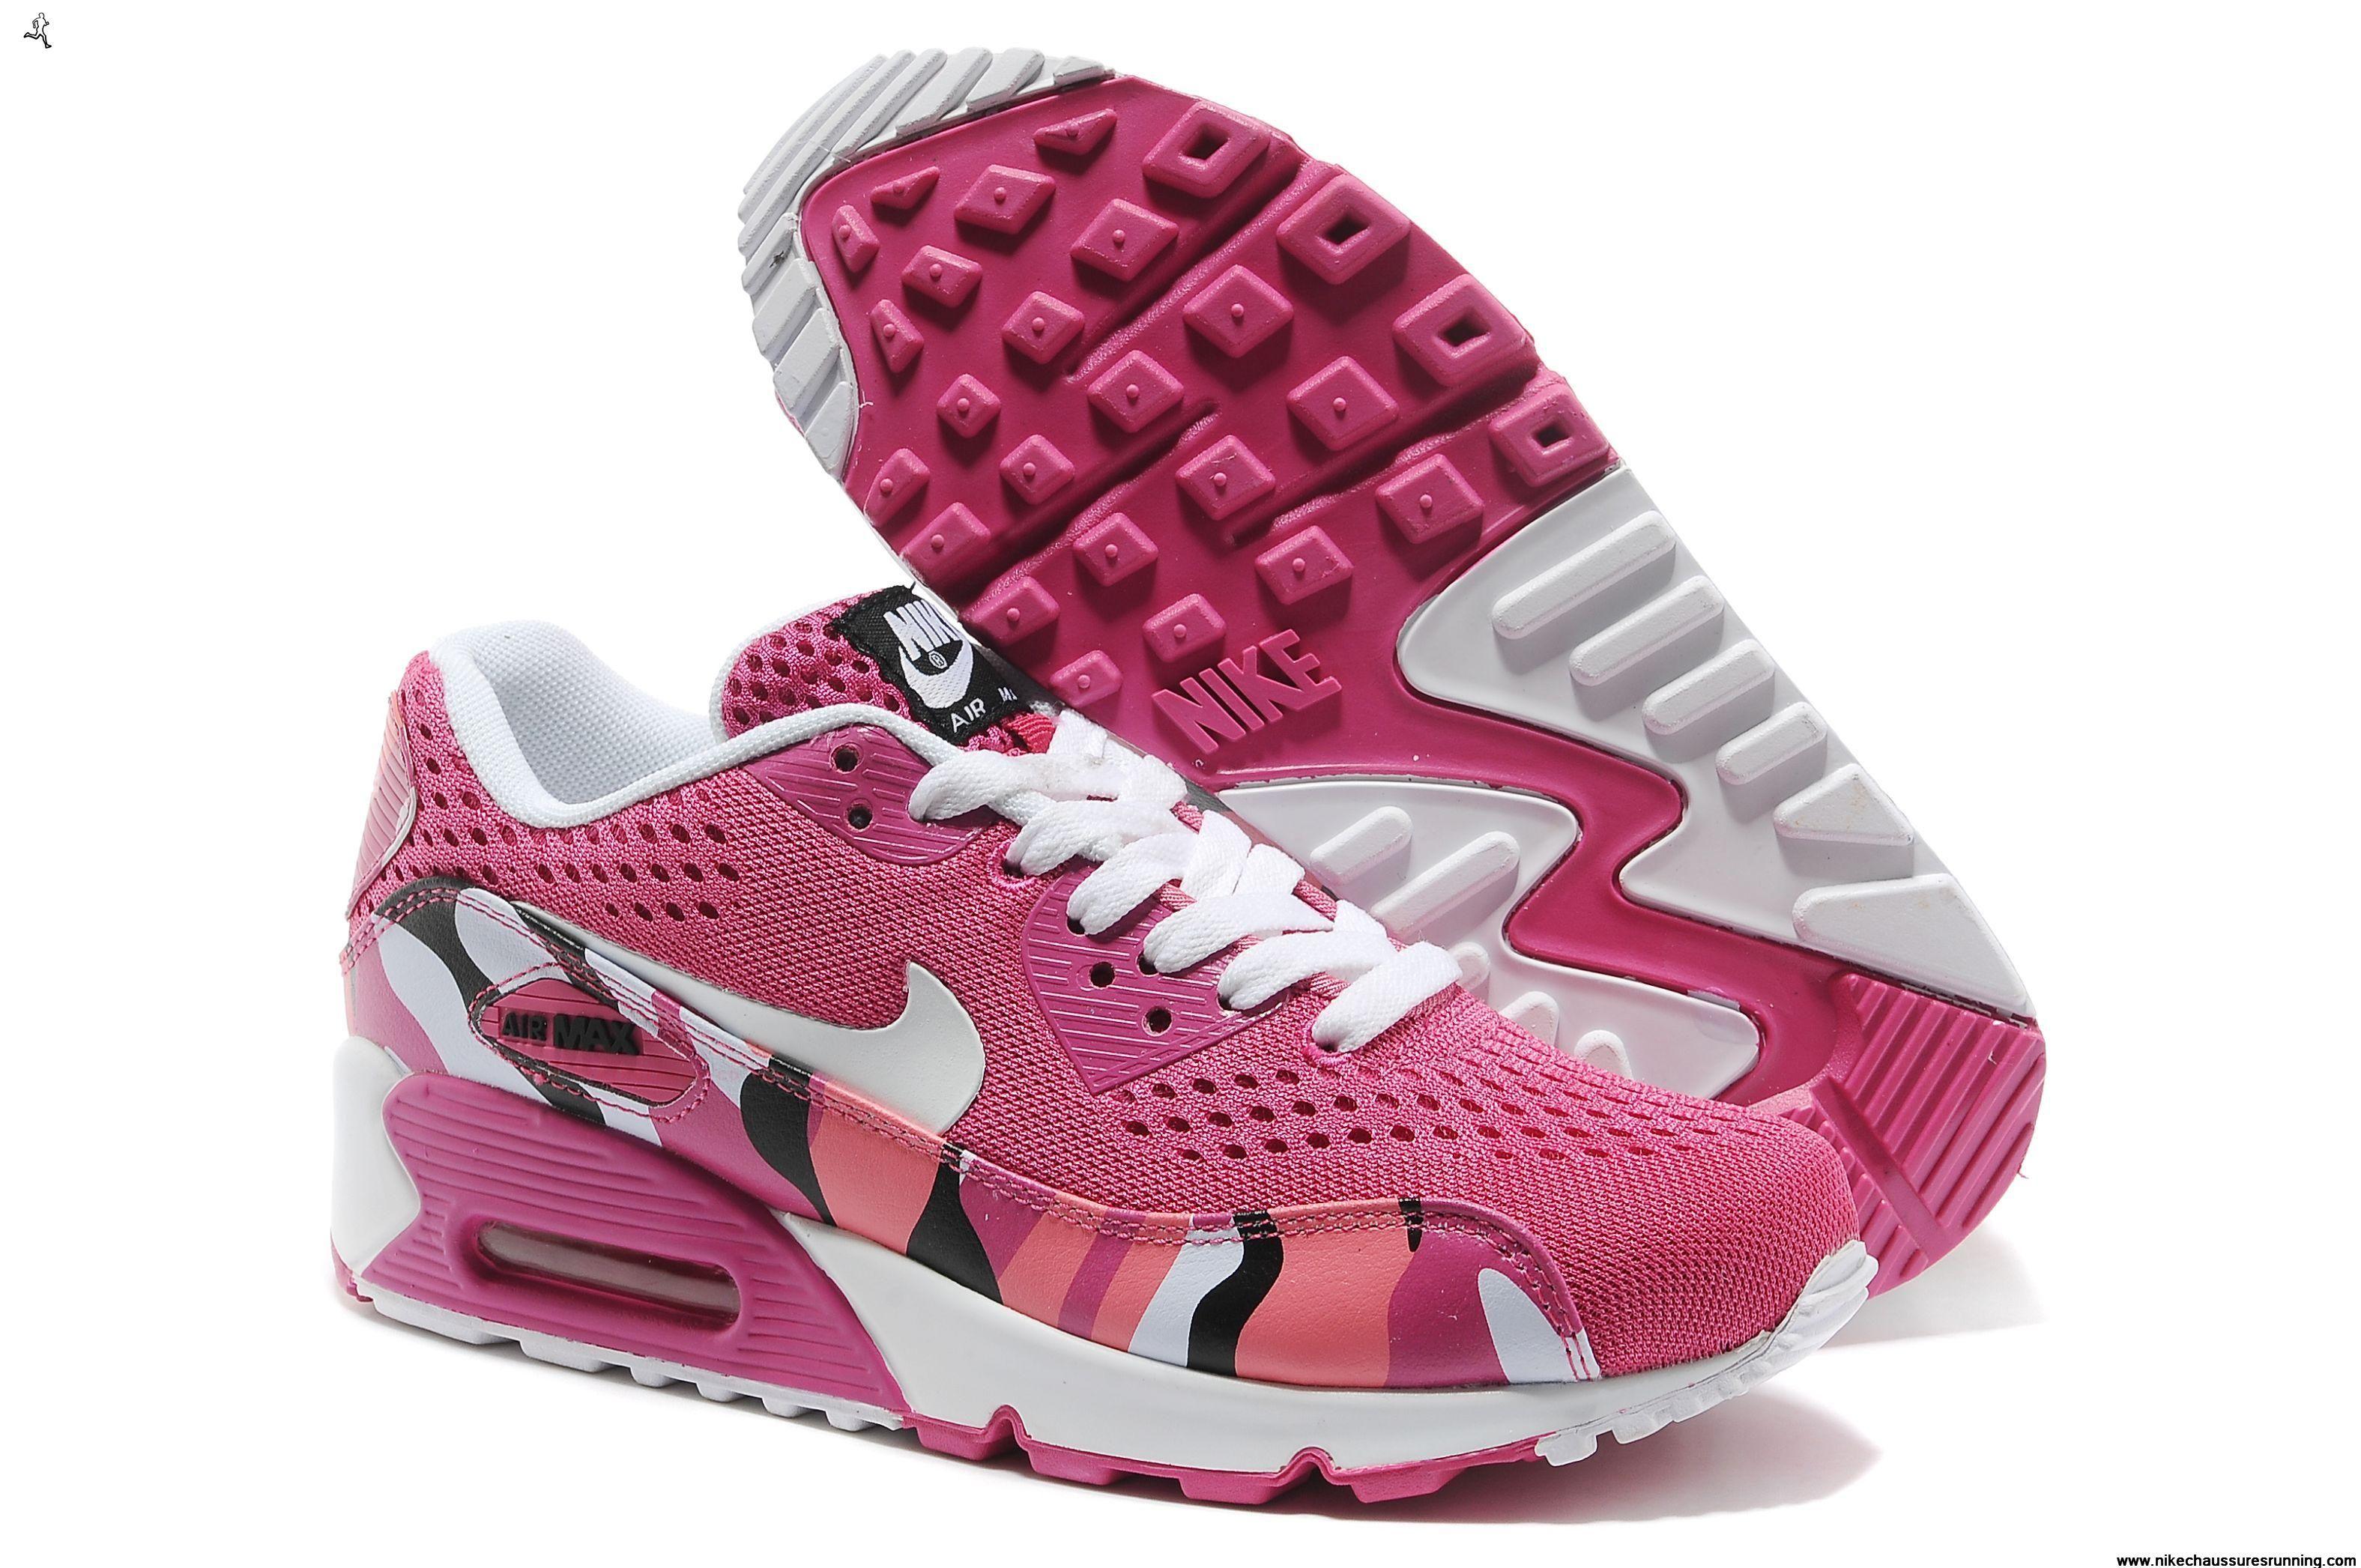 Chaussures Weaving Deep Rose Nike Air Max 90 Premium EM